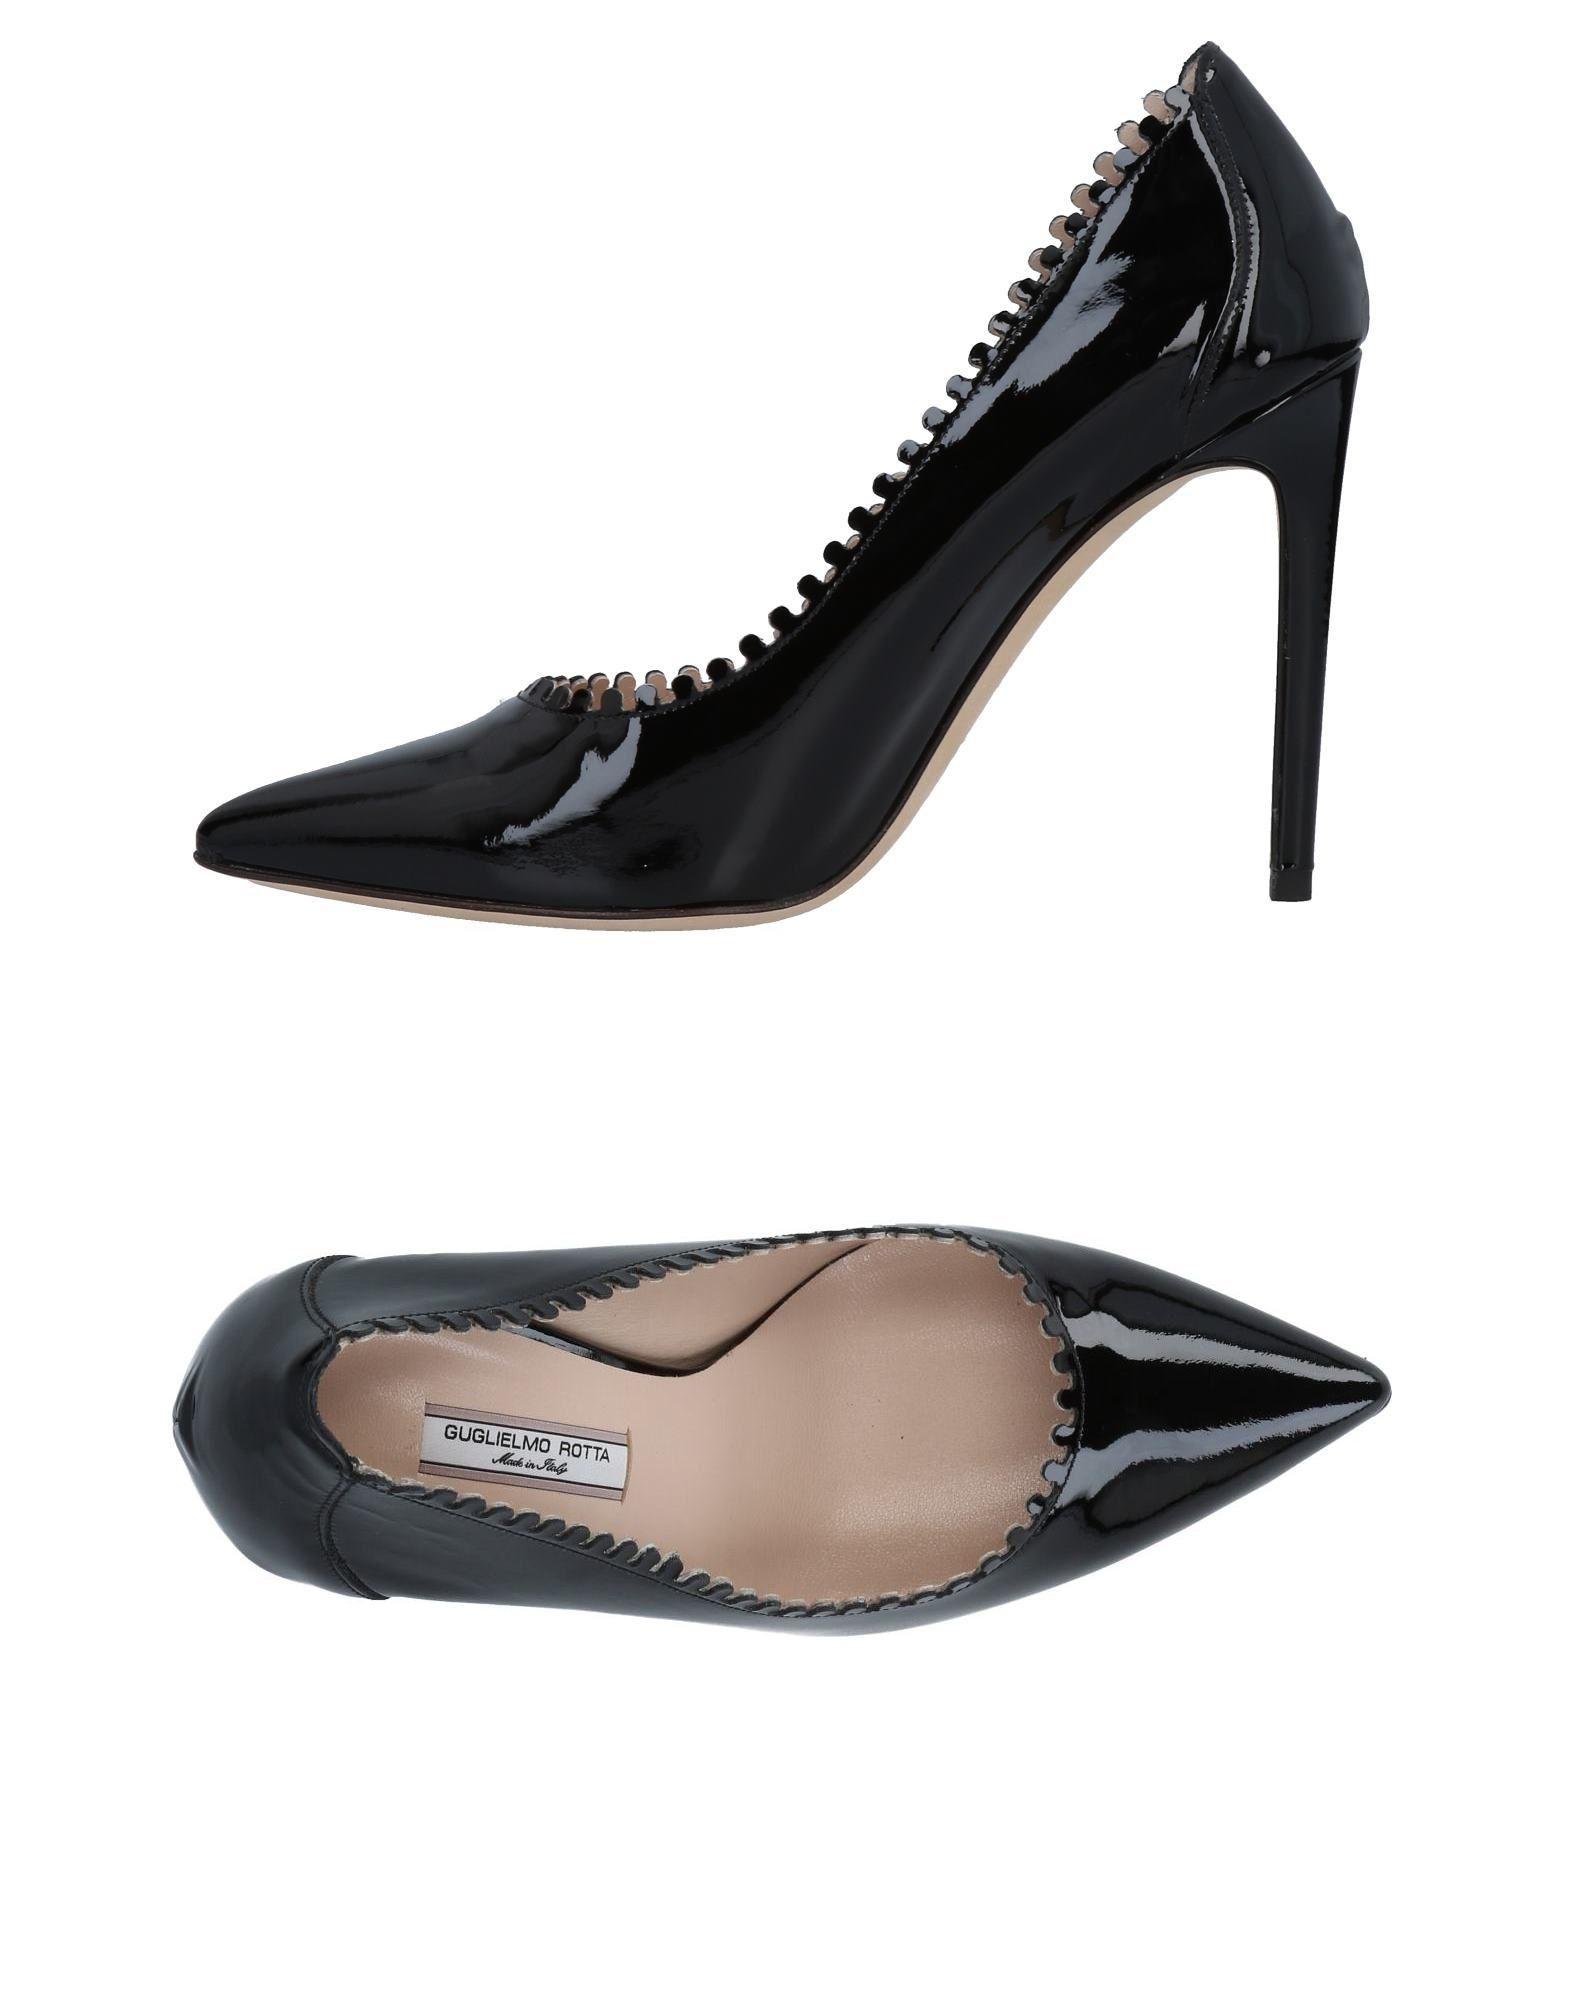 Guglielmo 11474428XT Rotta Pumps Damen  11474428XT Guglielmo Gute Qualität beliebte Schuhe e4b8b6